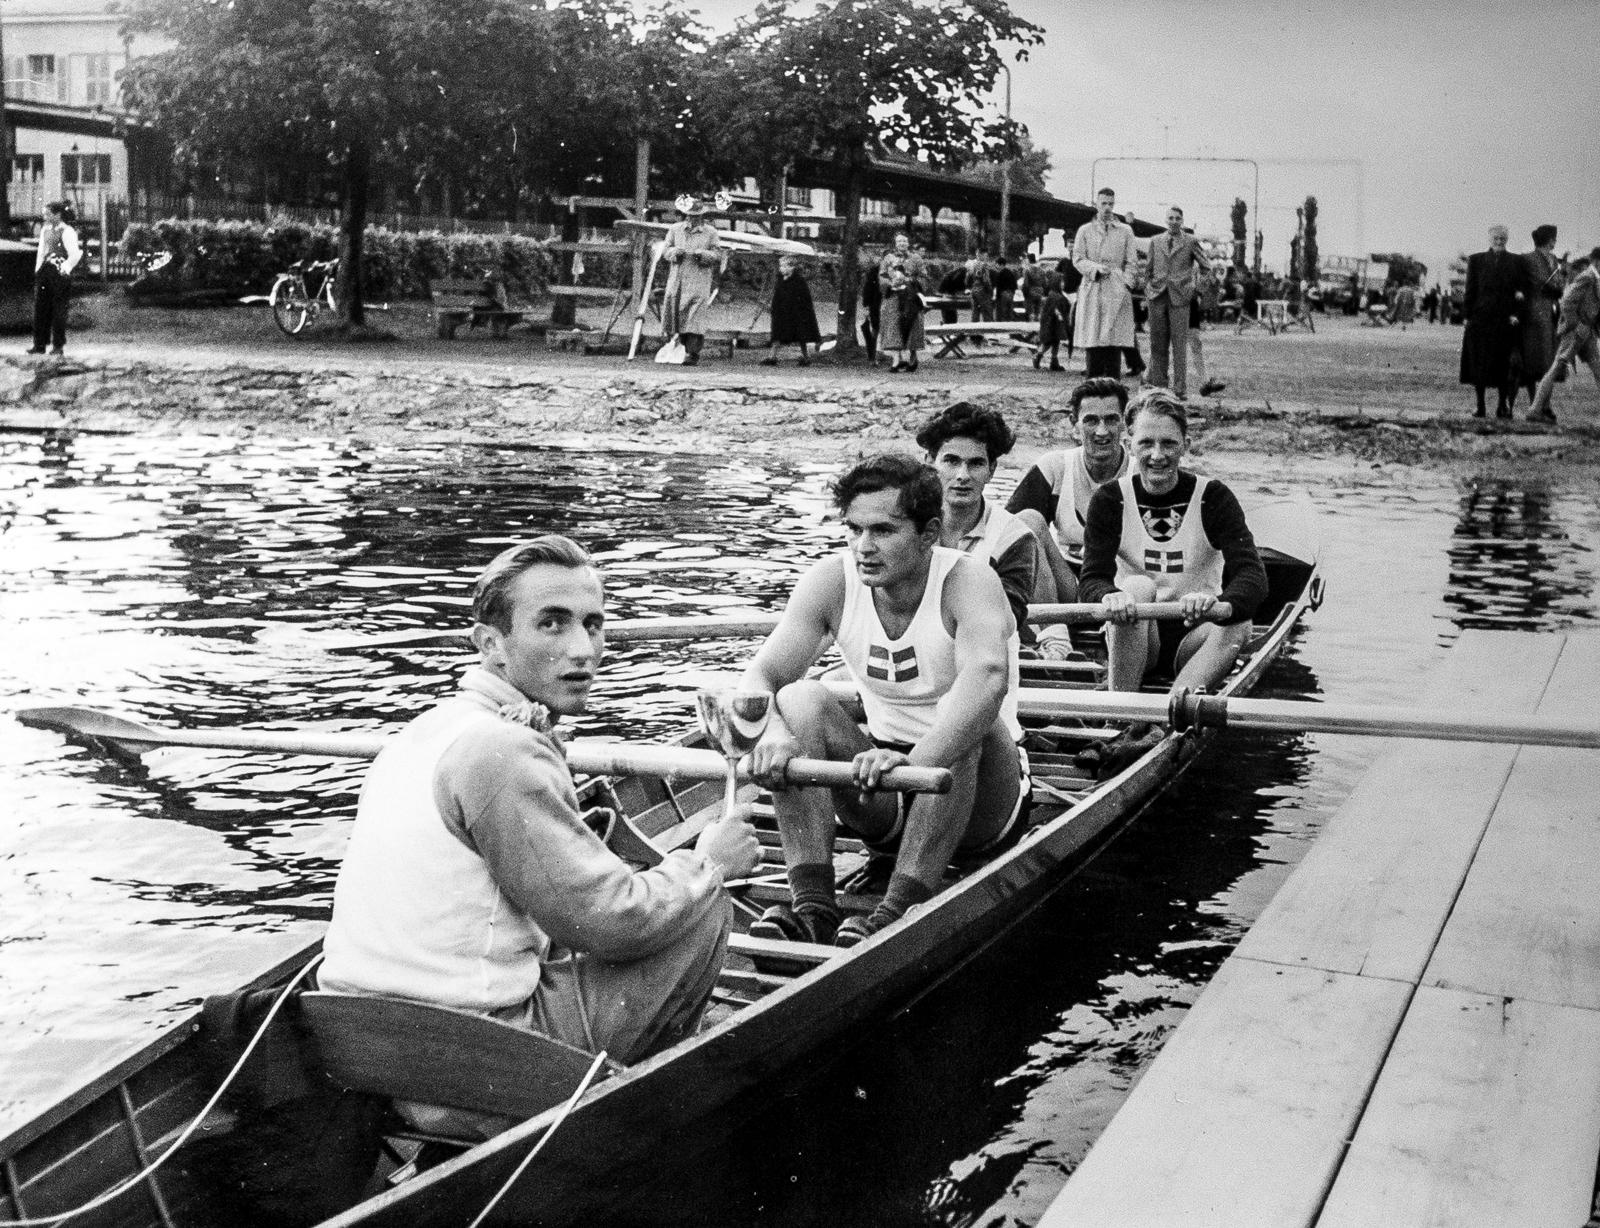 Der erste Sieg: Die glücklichen Sieger, ROZ Regatta, Mai 1953